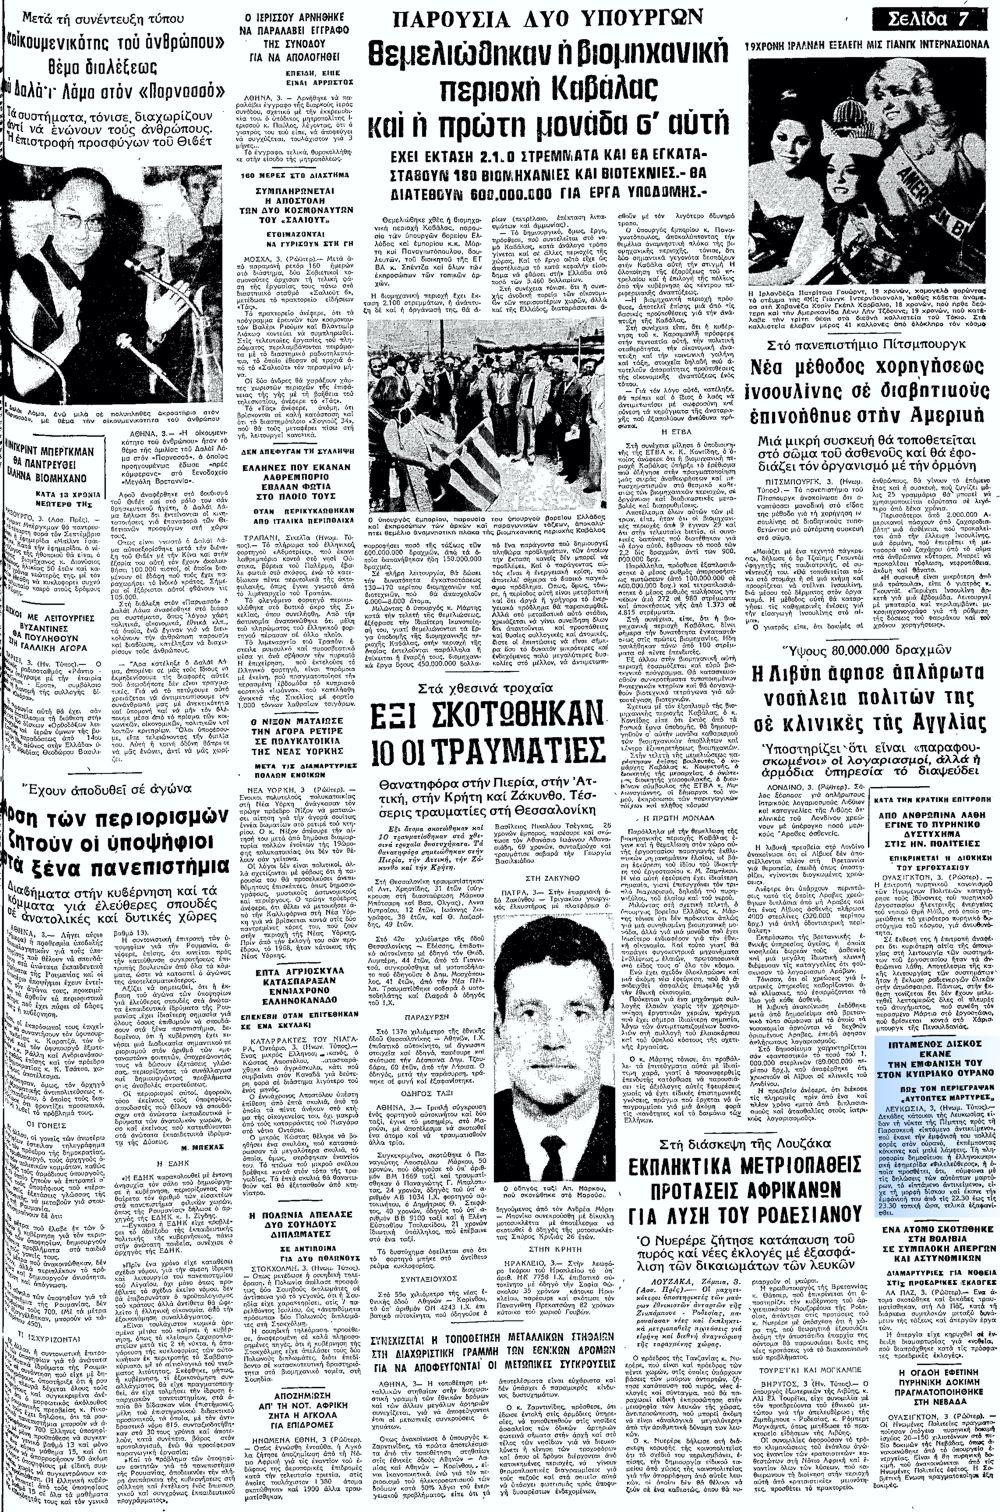 """Το άρθρο, όπως δημοσιεύθηκε στην εφημερίδα """"ΜΑΚΕΔΟΝΙΑ"""", στις 04/08/1979"""